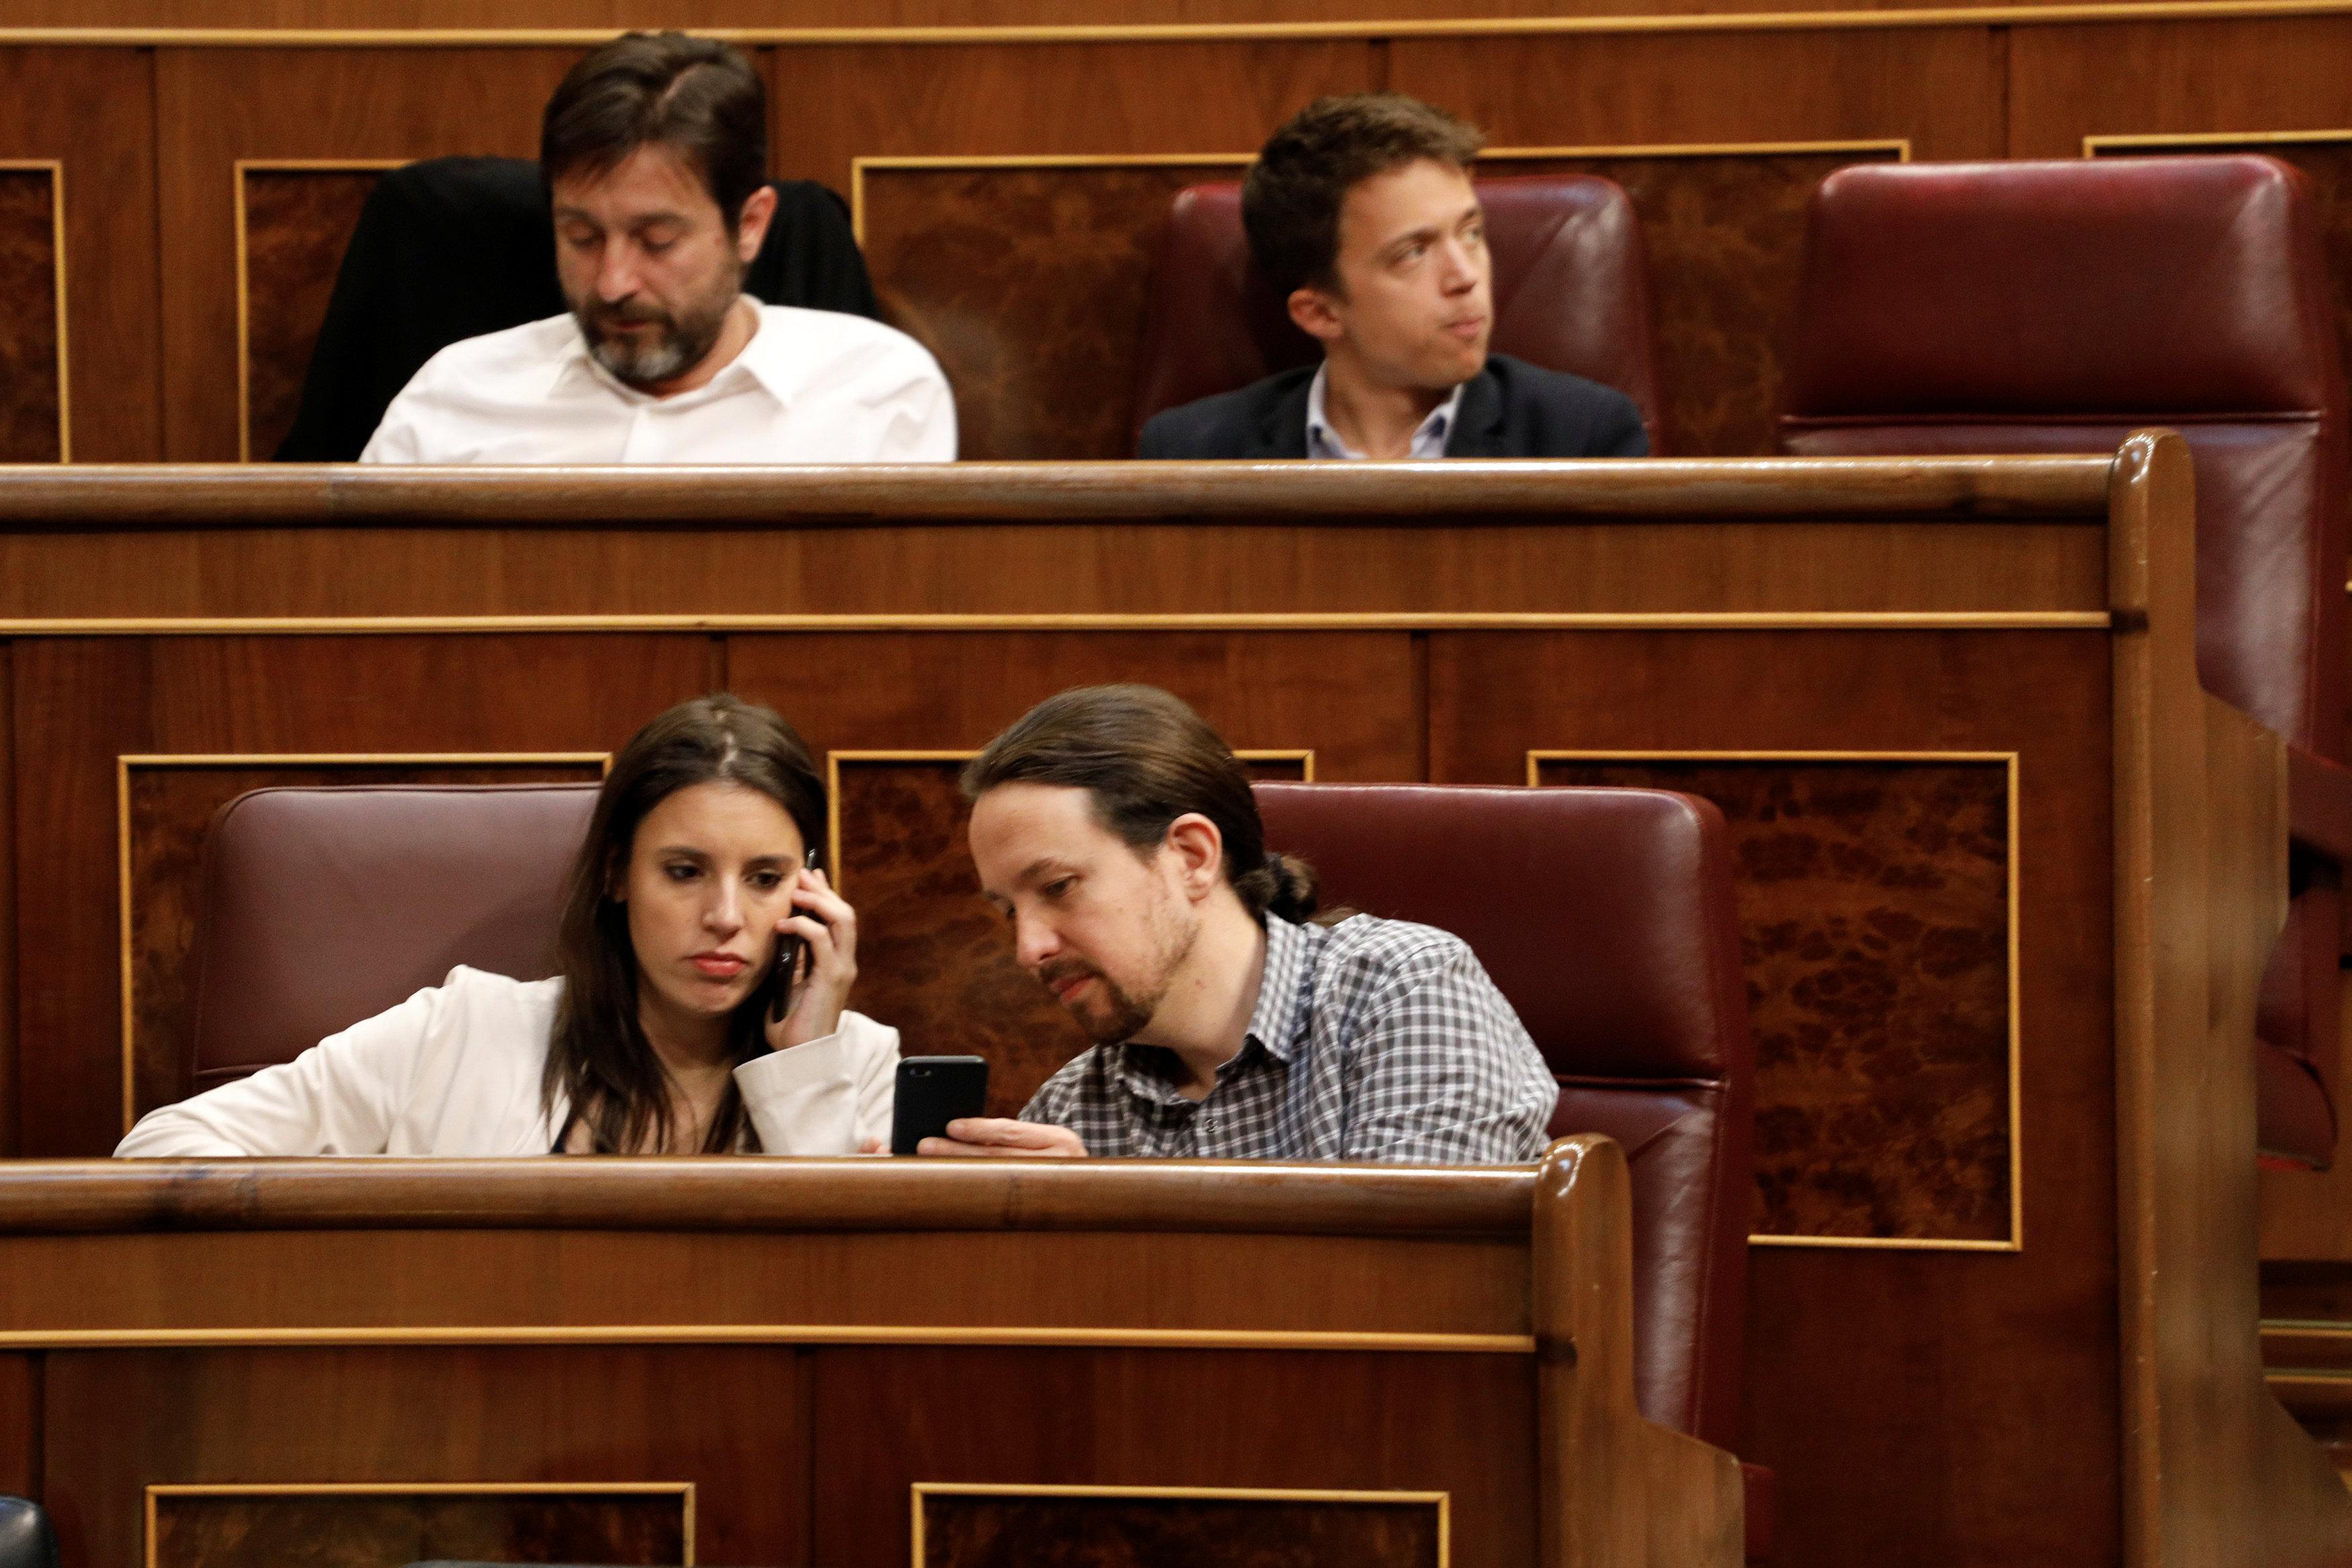 La 'noticia' sobre Pablo Iglesias e Irene Montero y su vida privada que no te debes